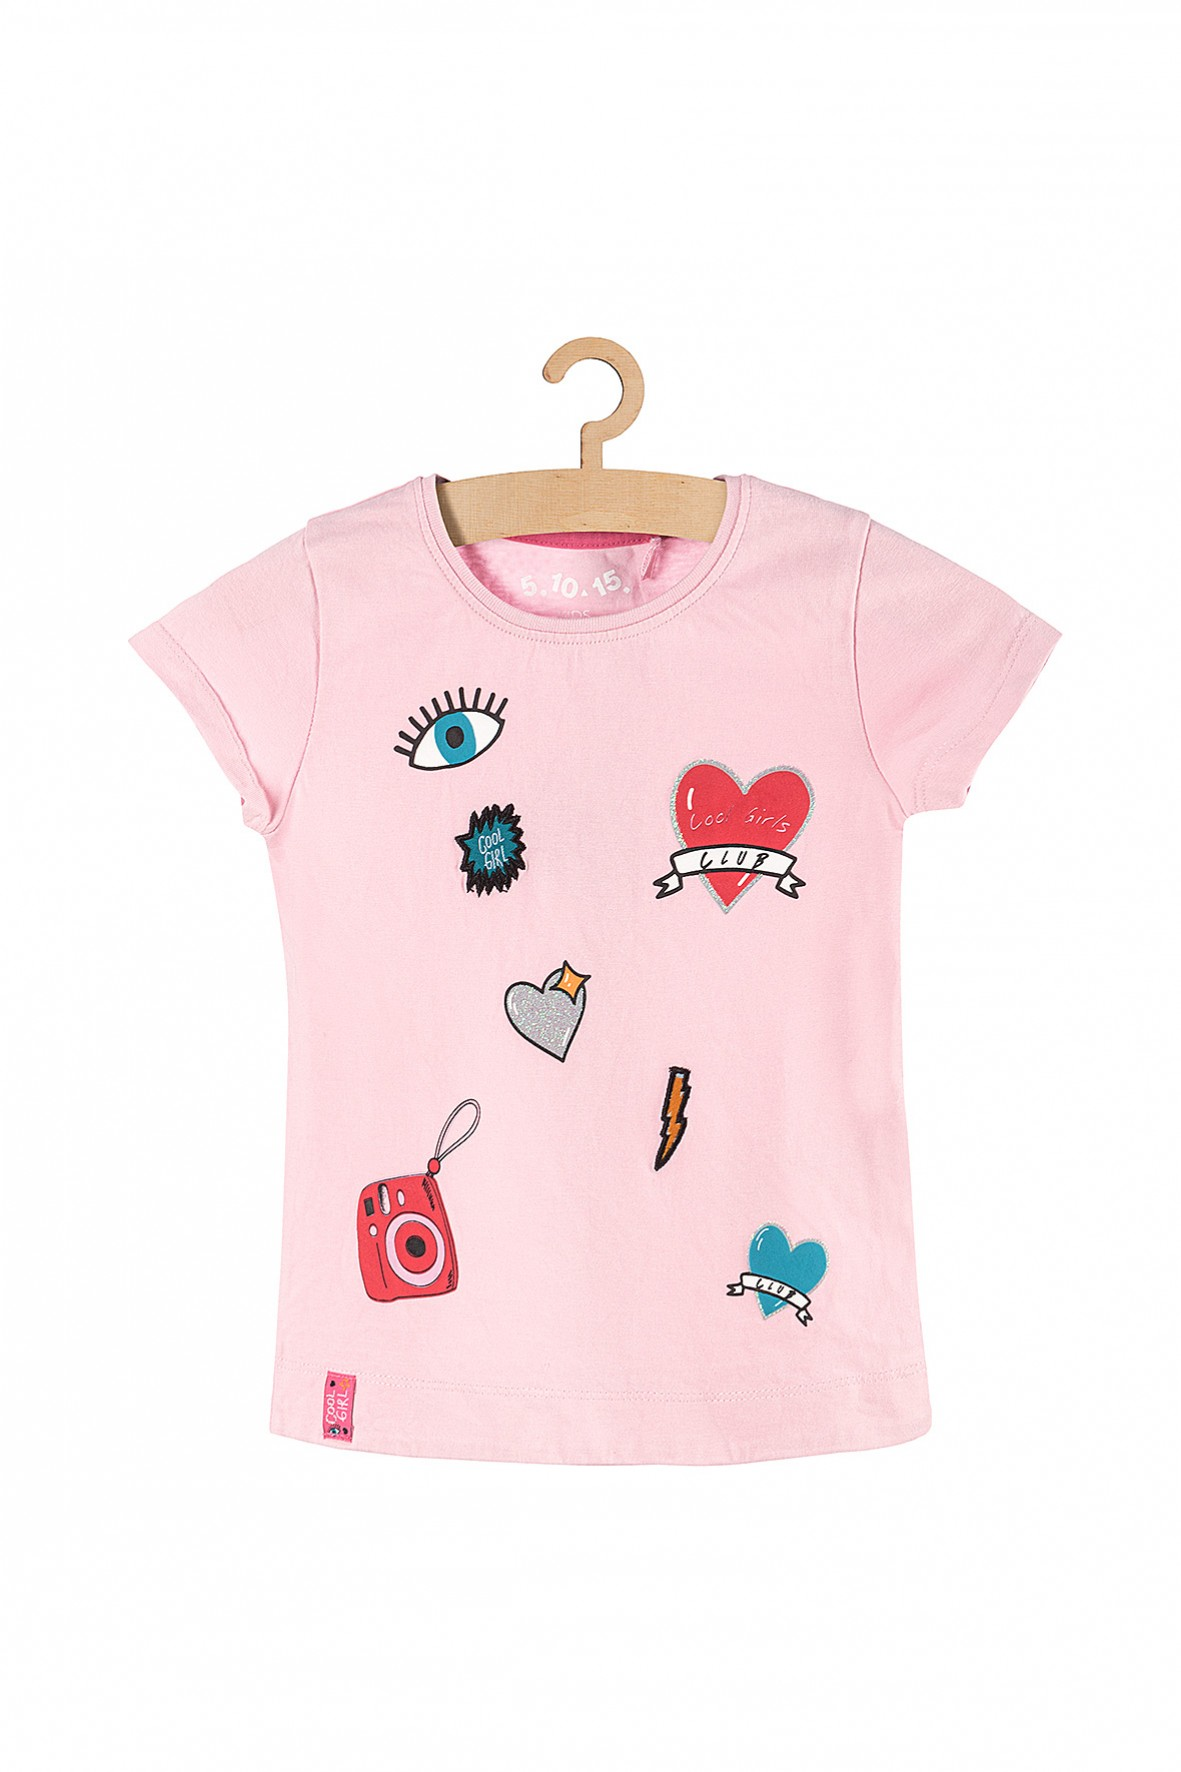 T-shirt dla dziewczynki- różowy z kolorowymi nadrukami